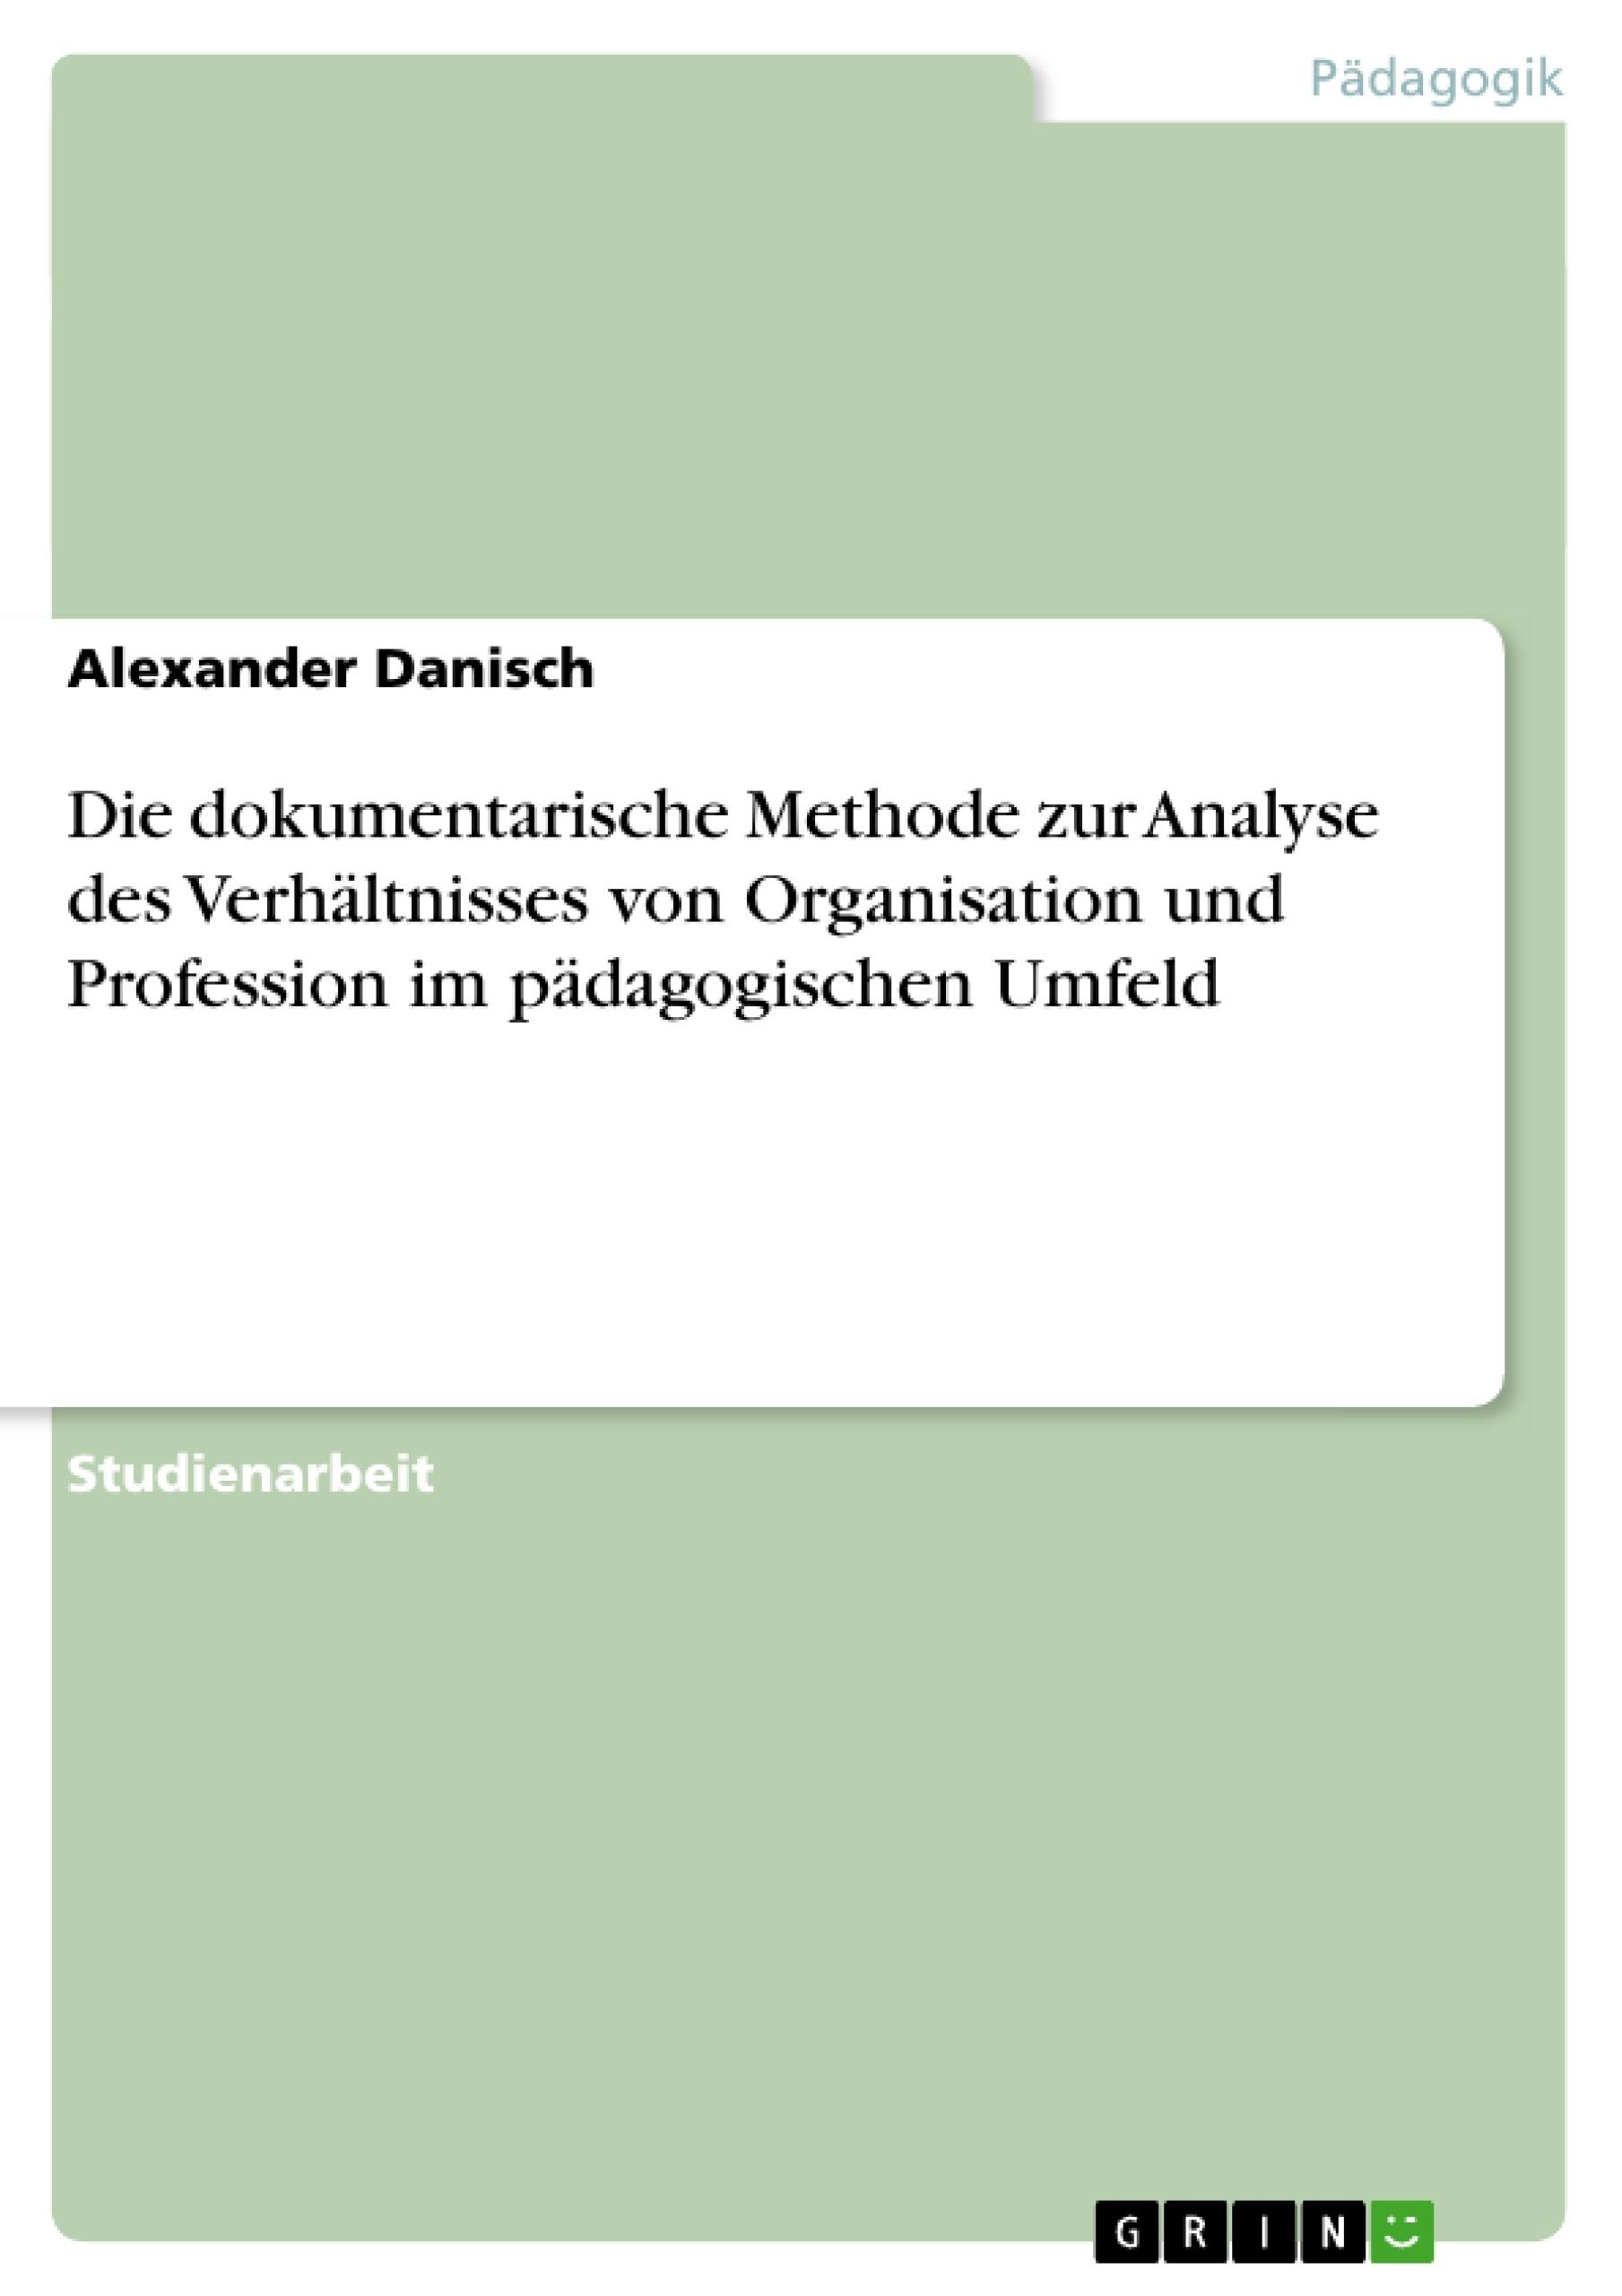 Titel: Die dokumentarische Methode zur Analyse des Verhältnisses von Organisation und Profession im pädagogischen Umfeld